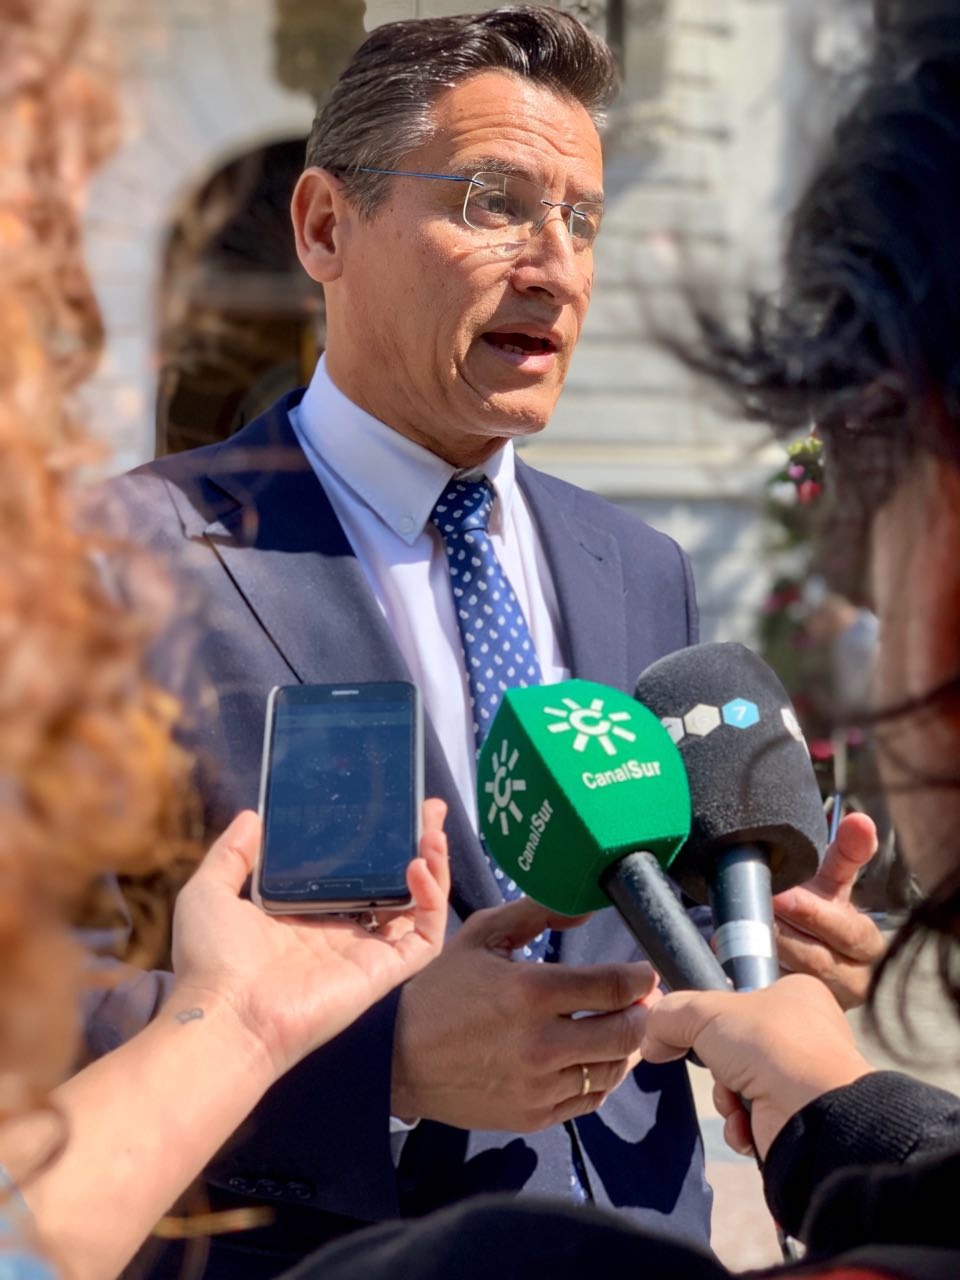 """Luis Salvador: """"El gobierno del cambiode la Junta también da respuesta a las necesidades del día a día de los andaluces"""""""